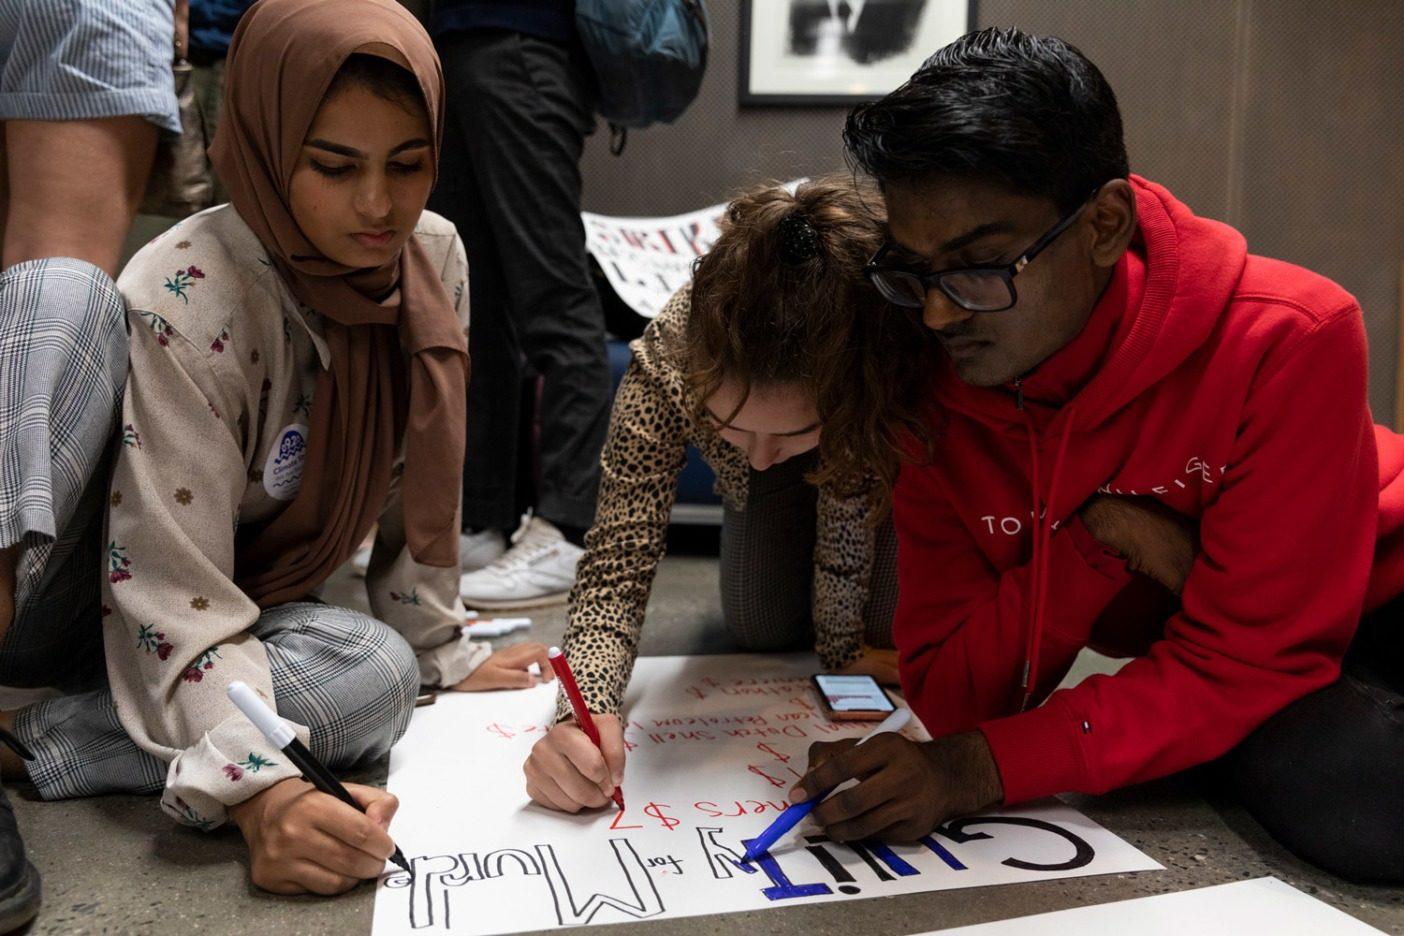 ストライキ前日、ニューヨーク気候ストライキ主催者のアイシャ・シディカとイザベラ・ファラヒ、さらにロサンゼルス出身の気候正義活動家であるケビン・パテルが、アート・プラカードを仕上げる。こうした若い主催者はそのアクティビズムはフルタイムの仕事のようなものだと言う。Photo: Keri Oberly